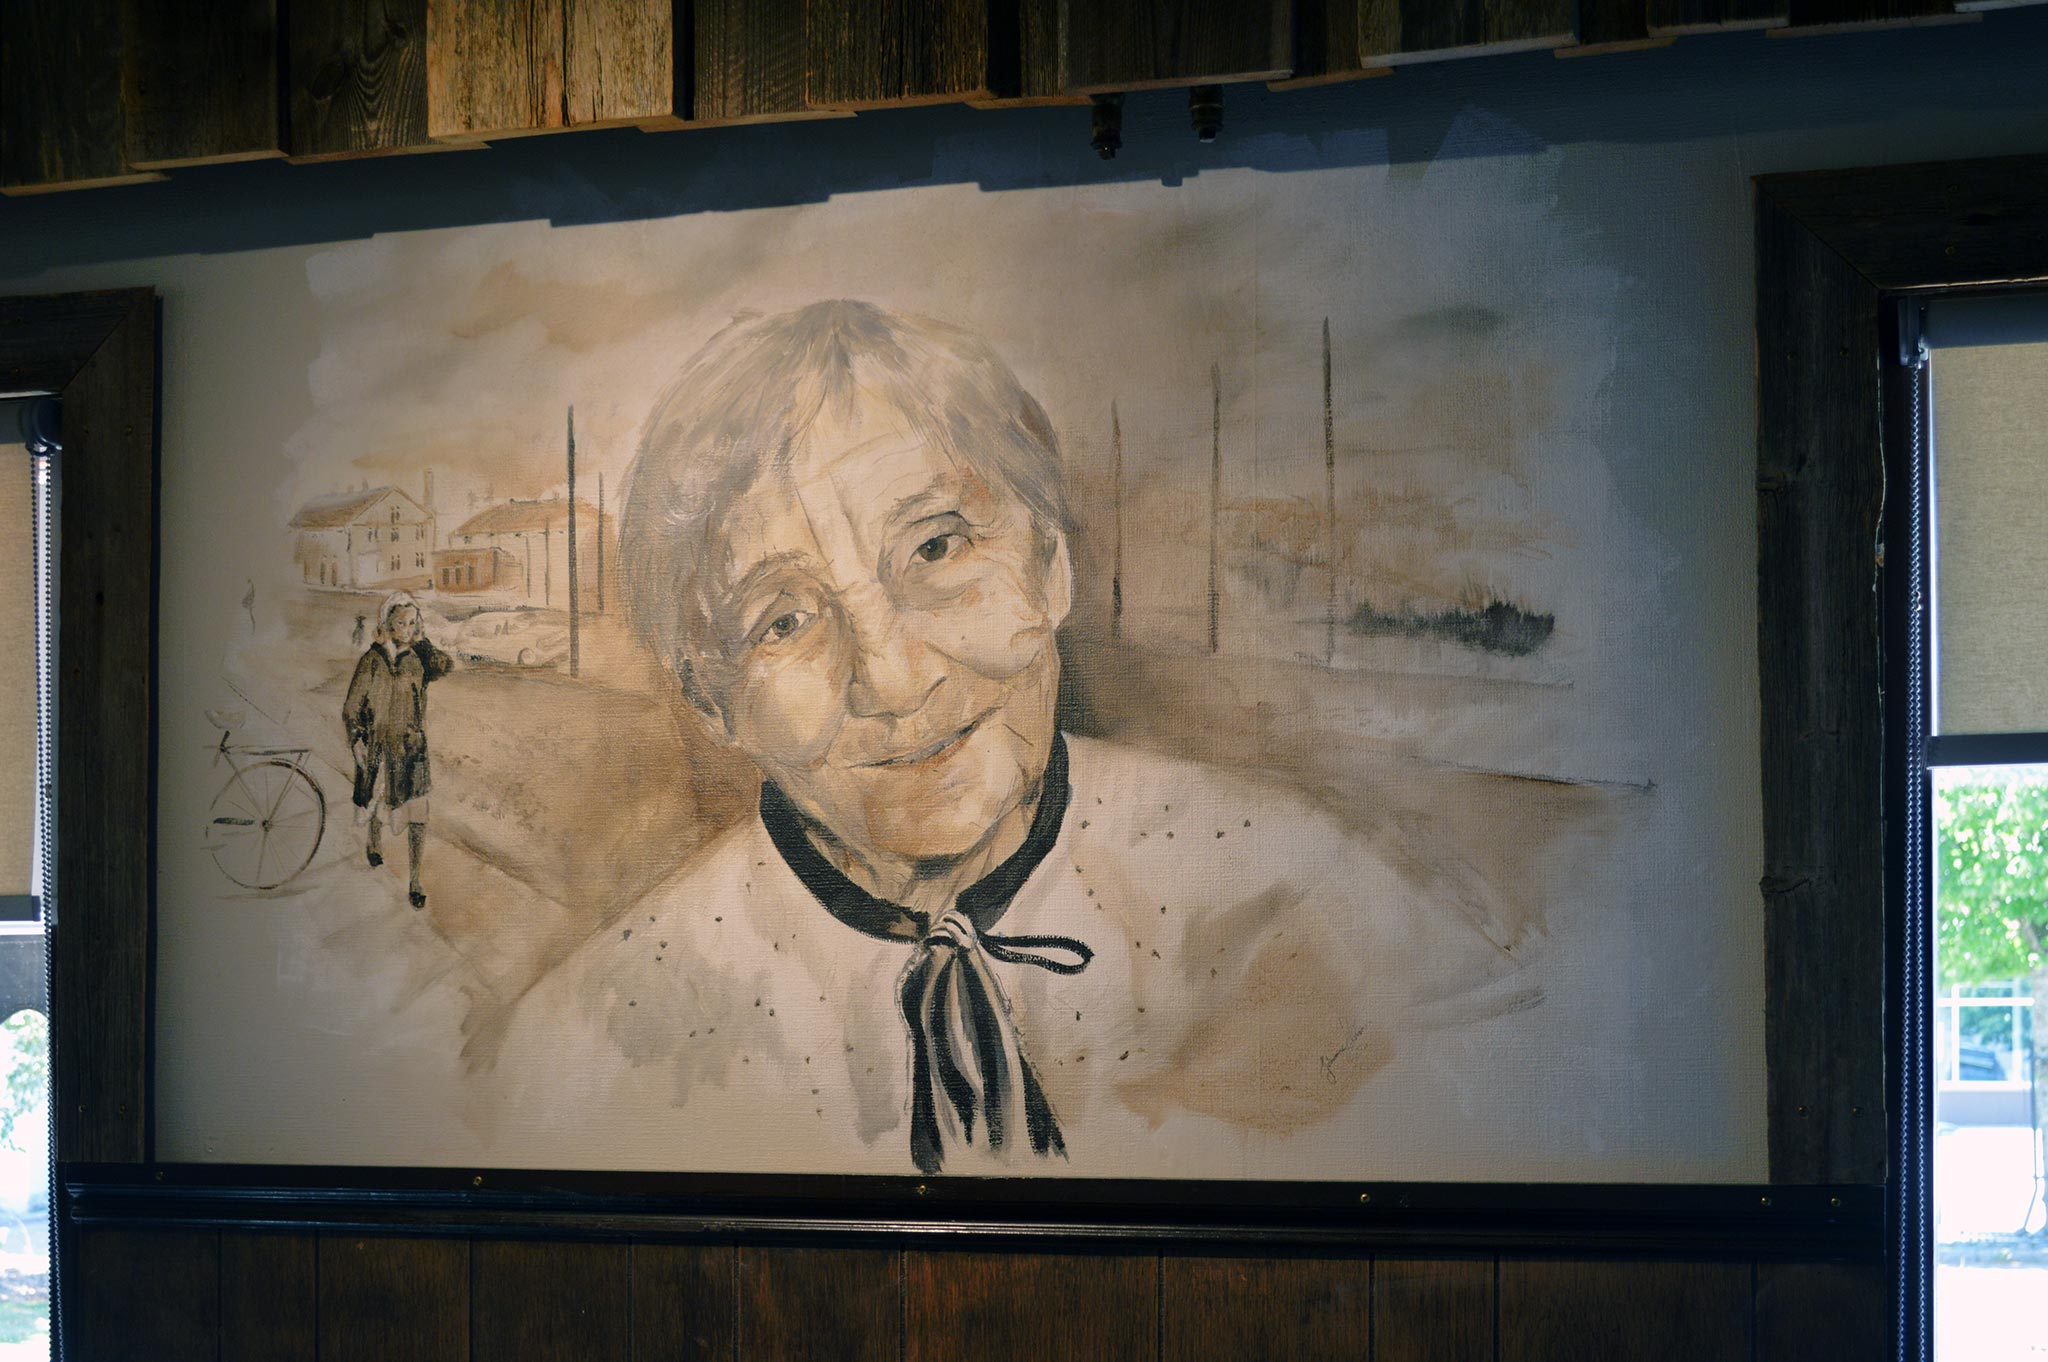 Jussin Baarin perusti vuonna 1961 Katri Alangon isoäiti Ensi Euyfrosyne Waselius, josta on tehty ravintolaan seinämaalaus.